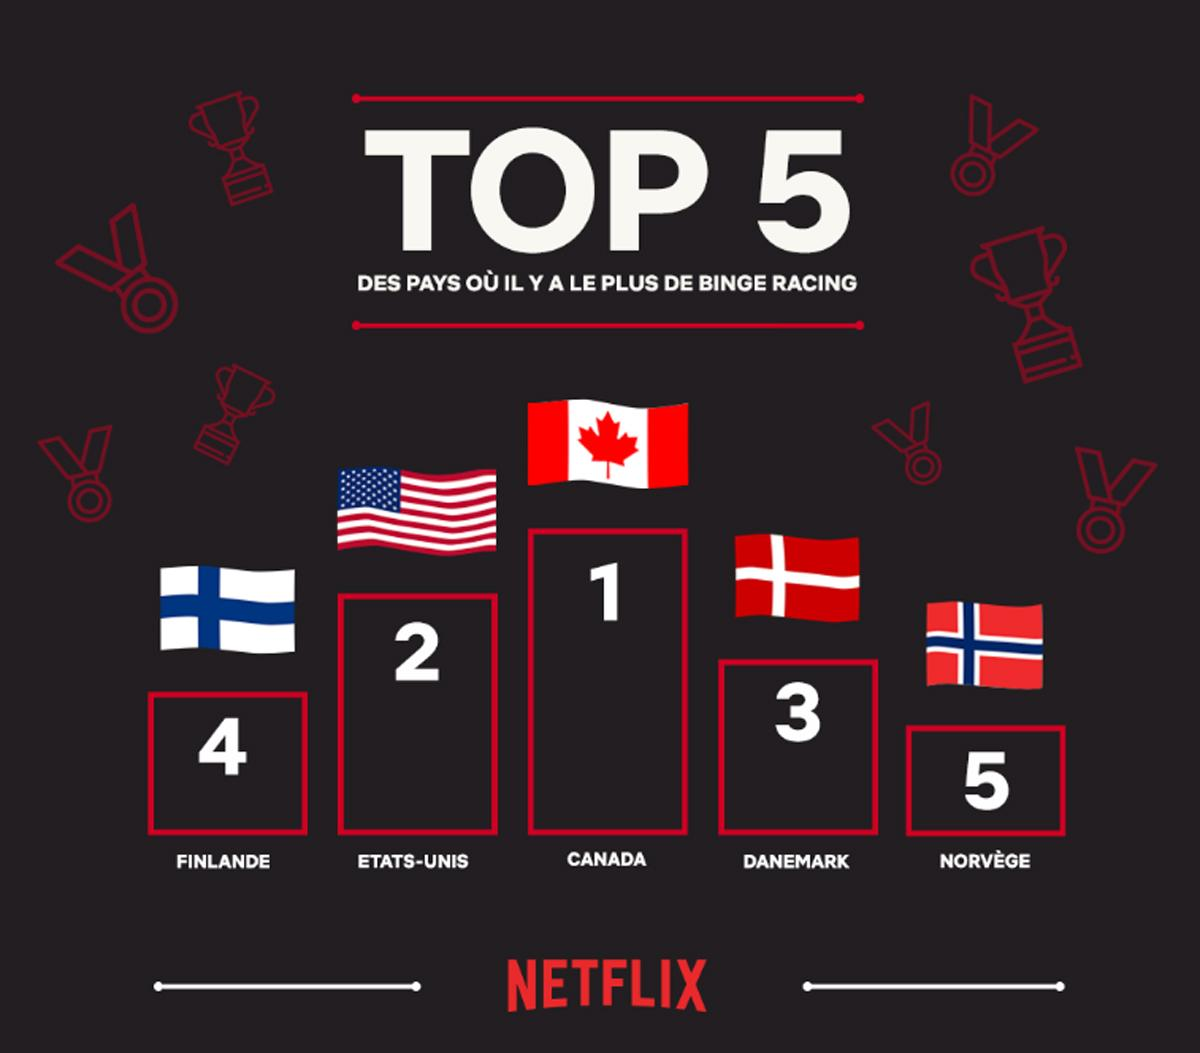 Quelle série a été regardée le plus rapidement sur Netflix?